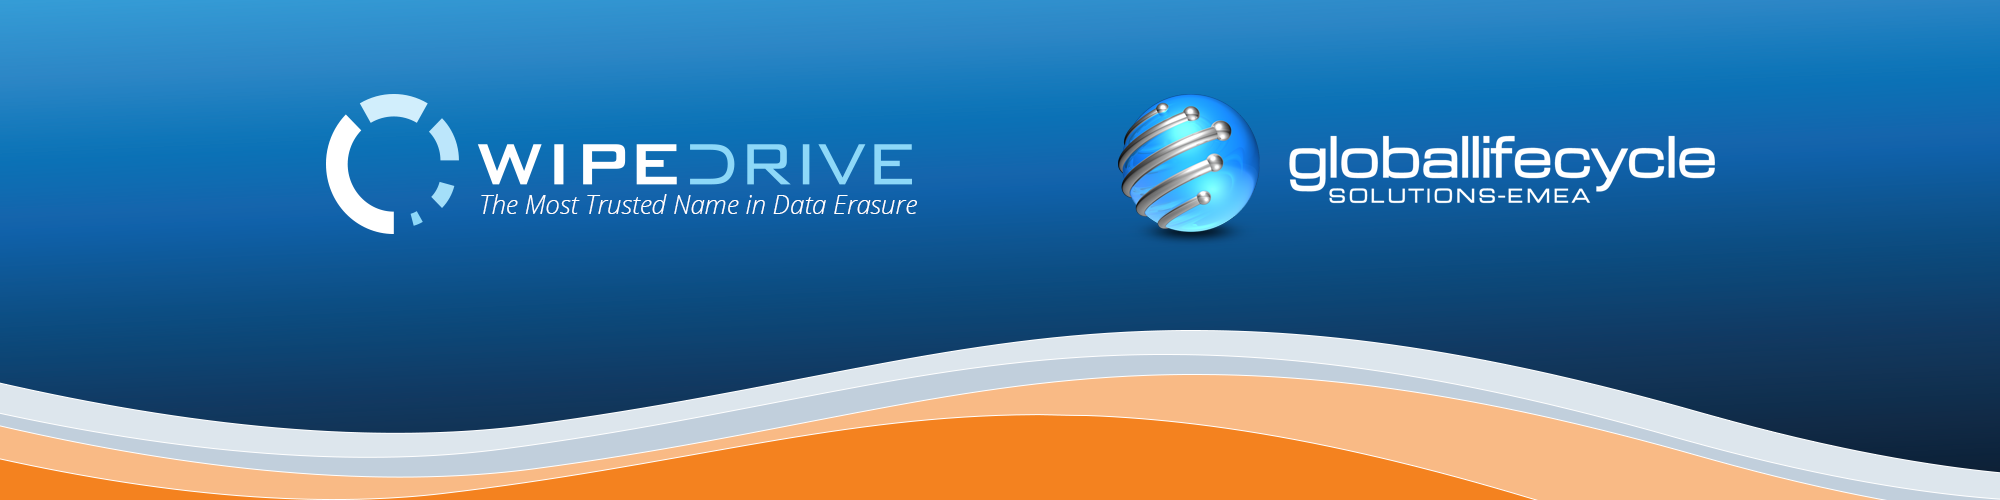 WipeDrive Global Emea